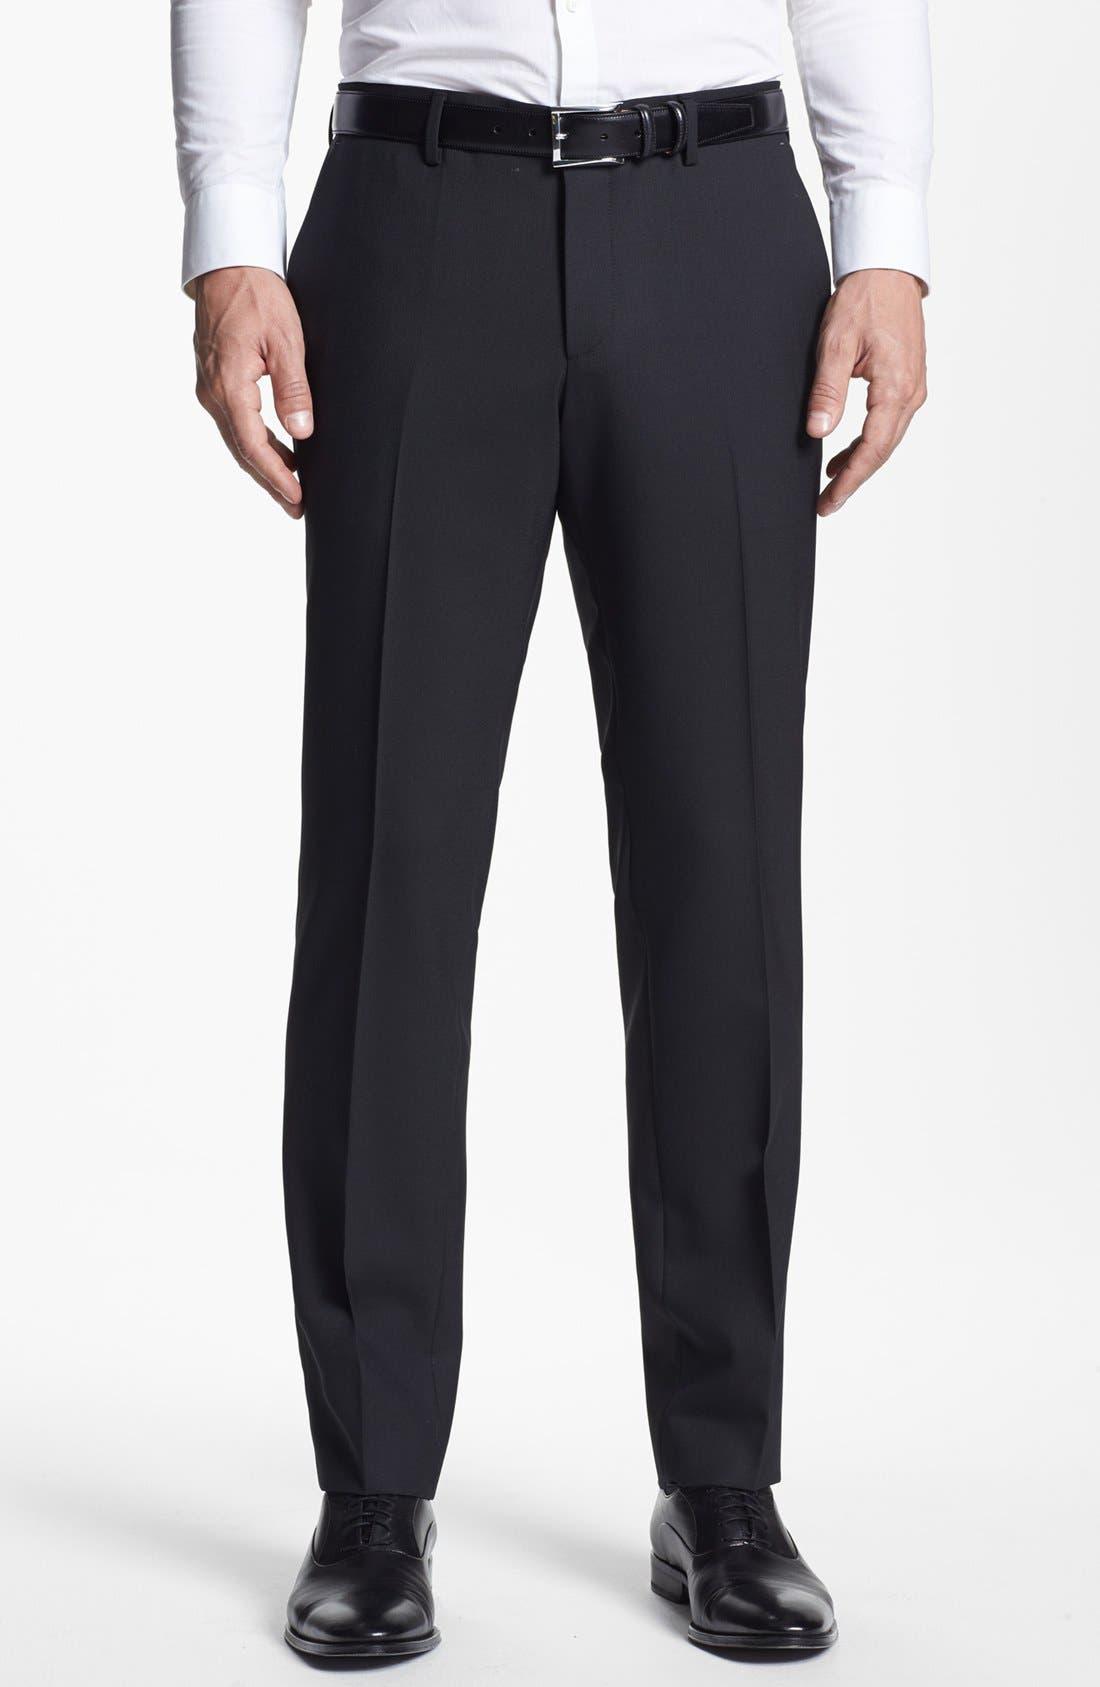 BOSS HUGO BOSS 'Genesis' Flat Front Trousers,                             Main thumbnail 1, color,                             001